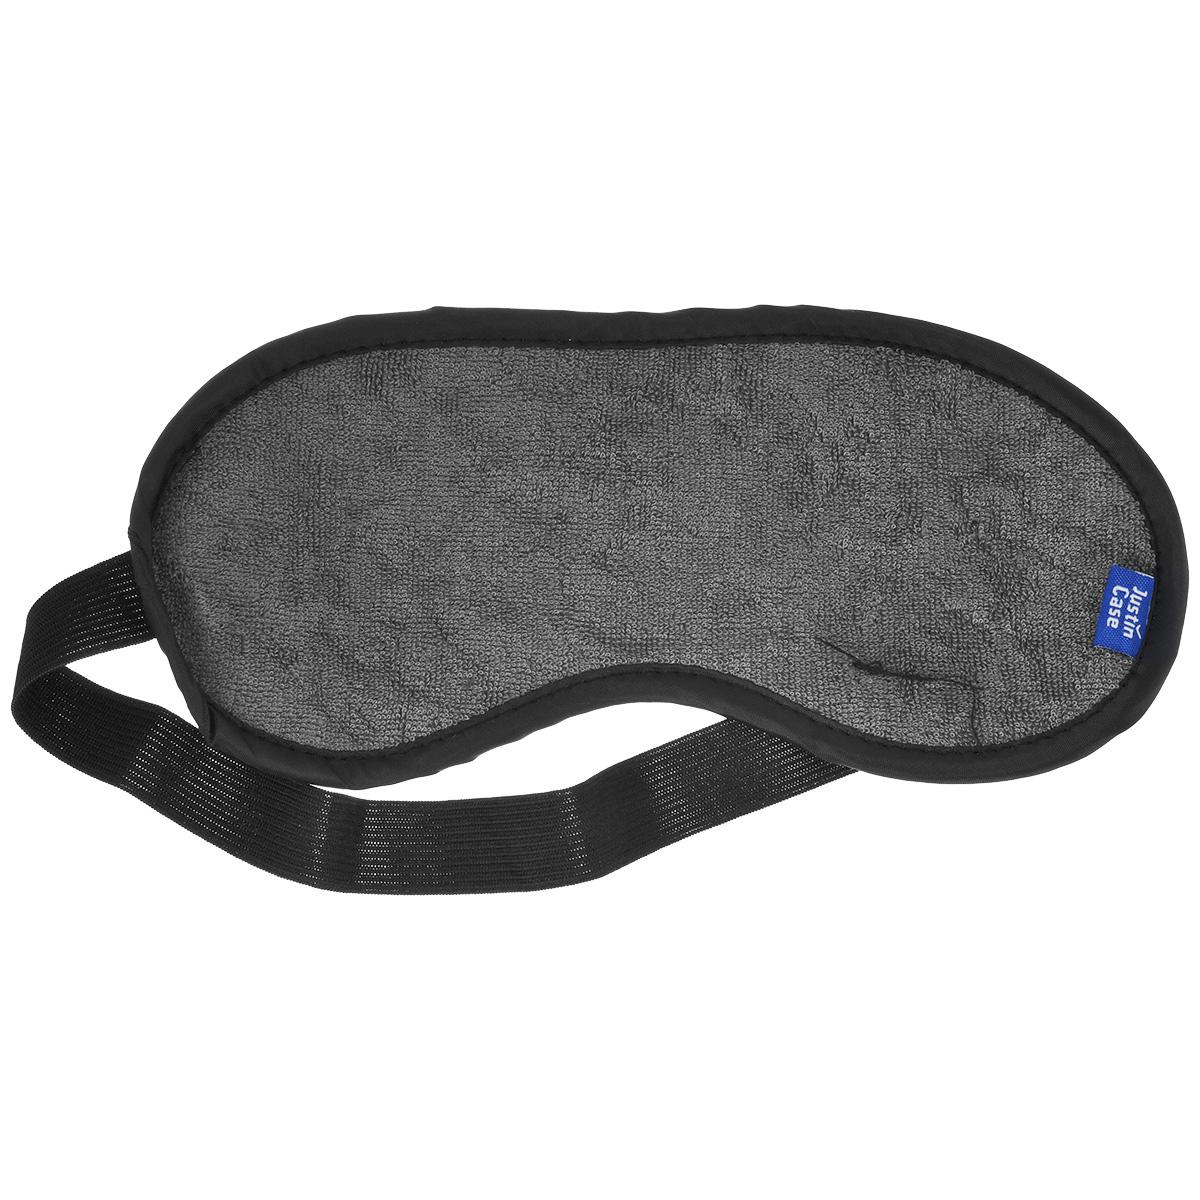 Маска для сна JustinCase, цвет: серый, черный маска маска для сна в путешествии маска сна компактность пригодно для носки удобный отдых в дороге 1шт для путешествия